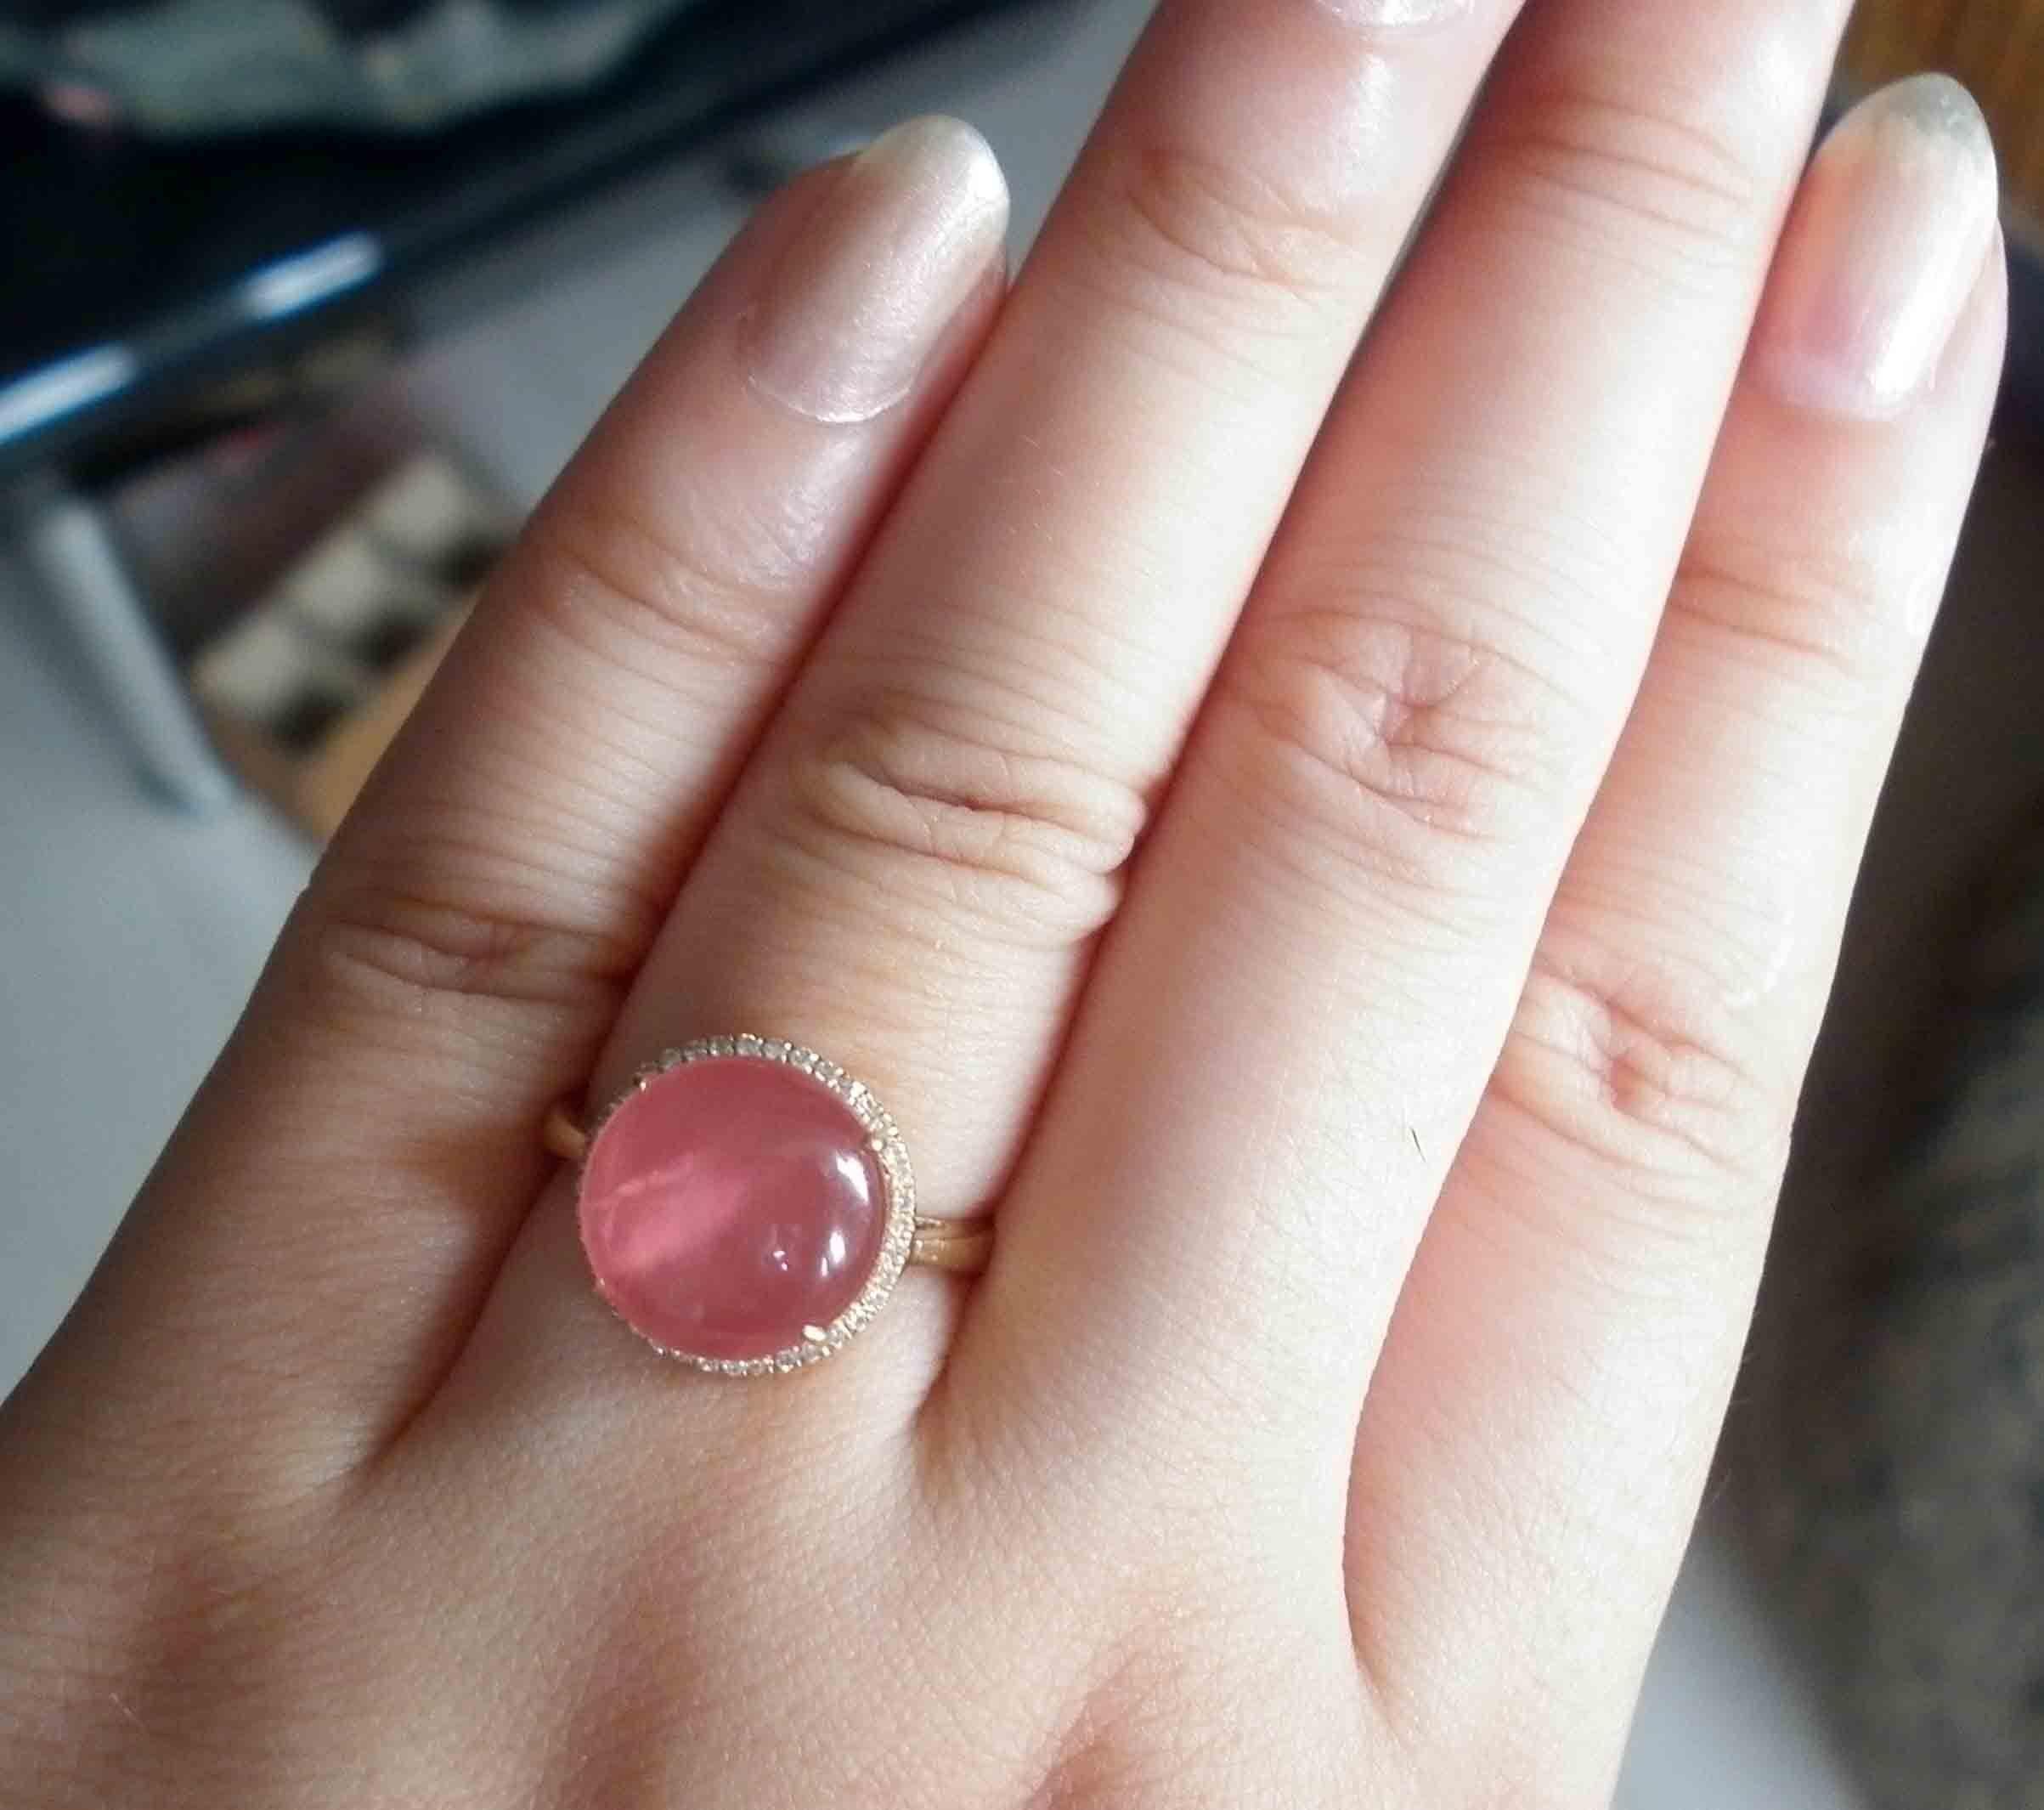 Ý nghĩa của các ngón tay đeo nhẫn trong phong thủy